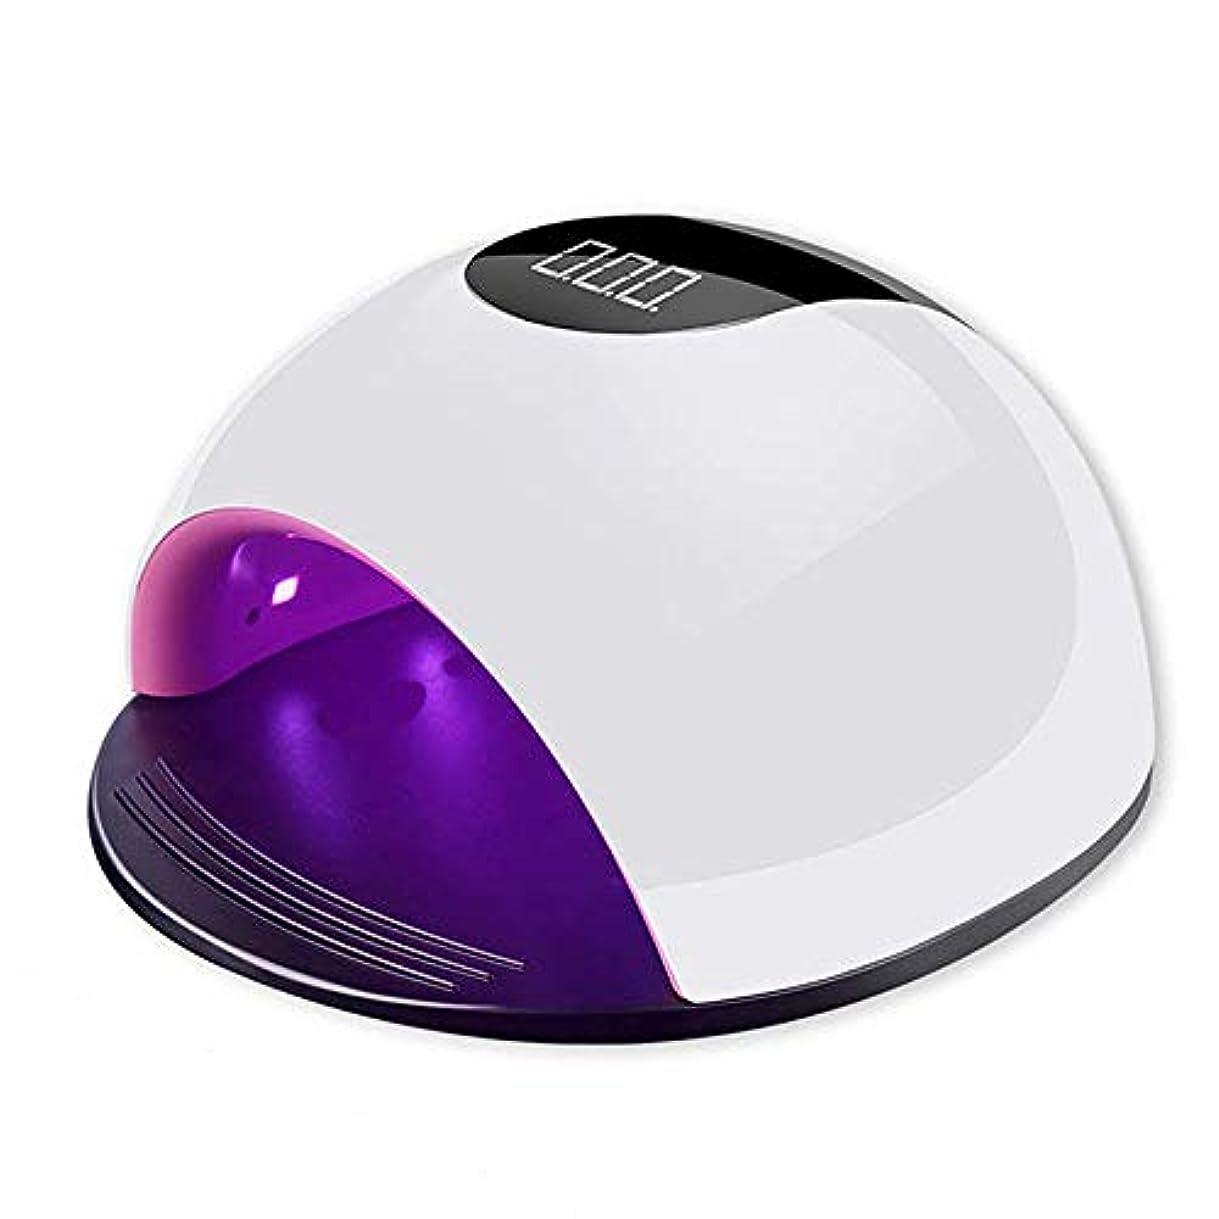 瞑想的できれば抽出高速硬化赤外線ネイル硬化用マニキュア用 UV LED タイマ 自動センサ機能ジェルネイルライト ホワイト